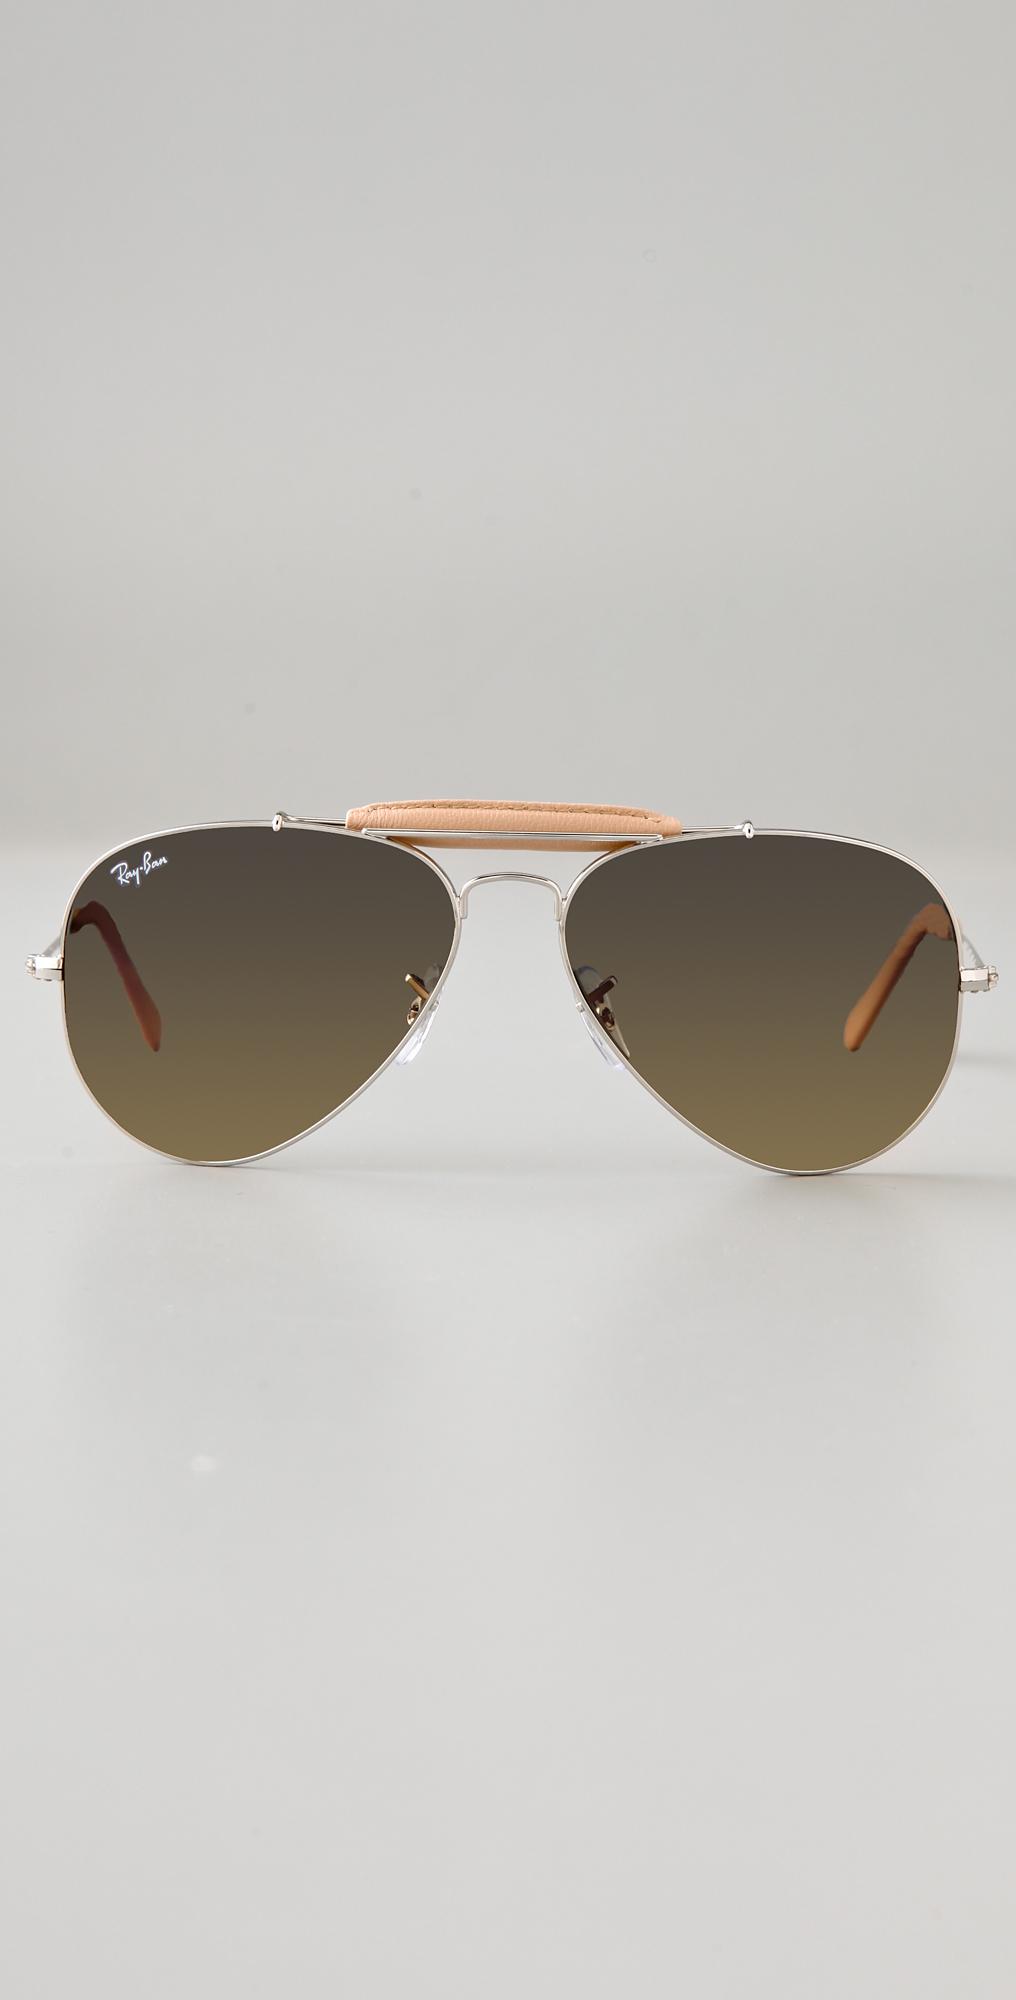 ride sunglasses accessories en zippilli occhiali moto bmw